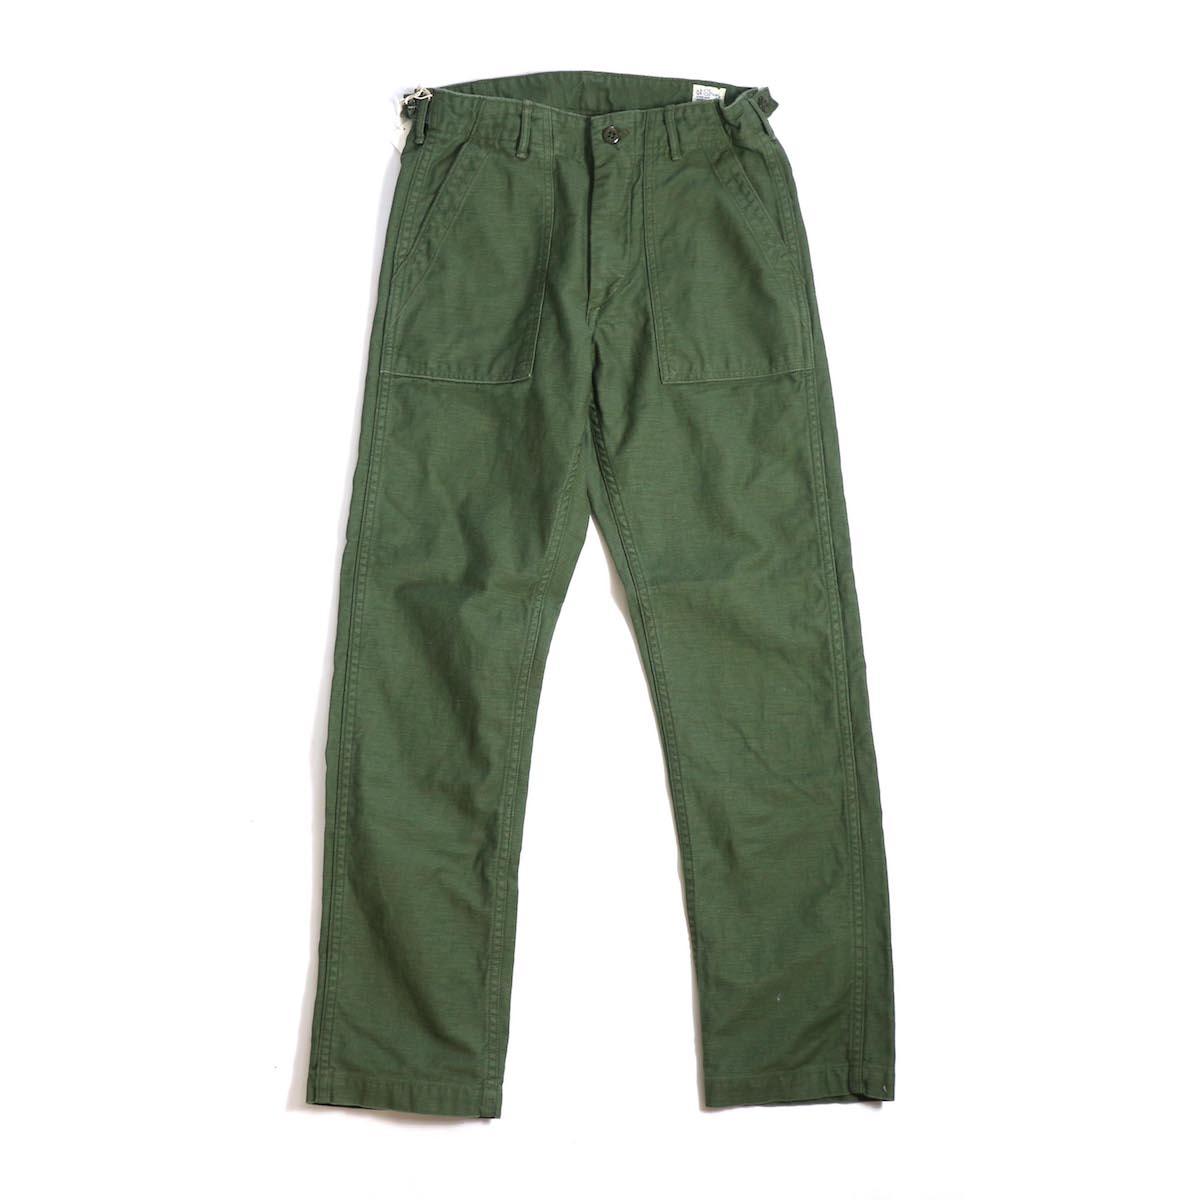 orSlow / SLIM FIT FATIGUE PANTS